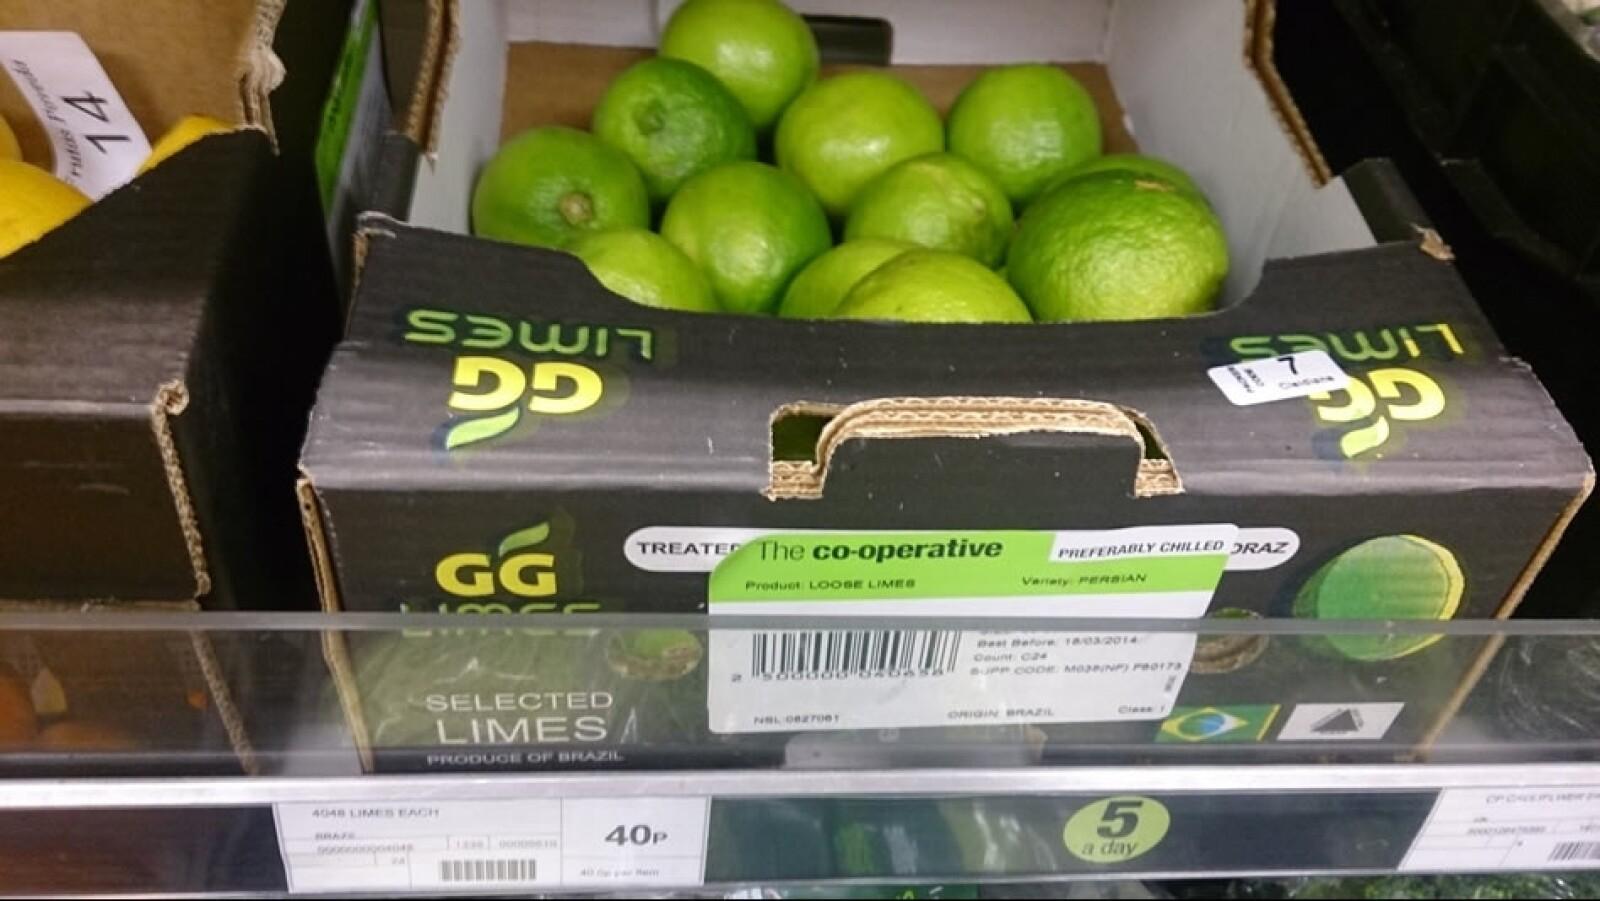 En Londres los limones son más caros que en México. Esta foto muestra cítricos importados de Brasil por  la cadena Co-Op, en el sureste de Londres, cerca de Greenwich